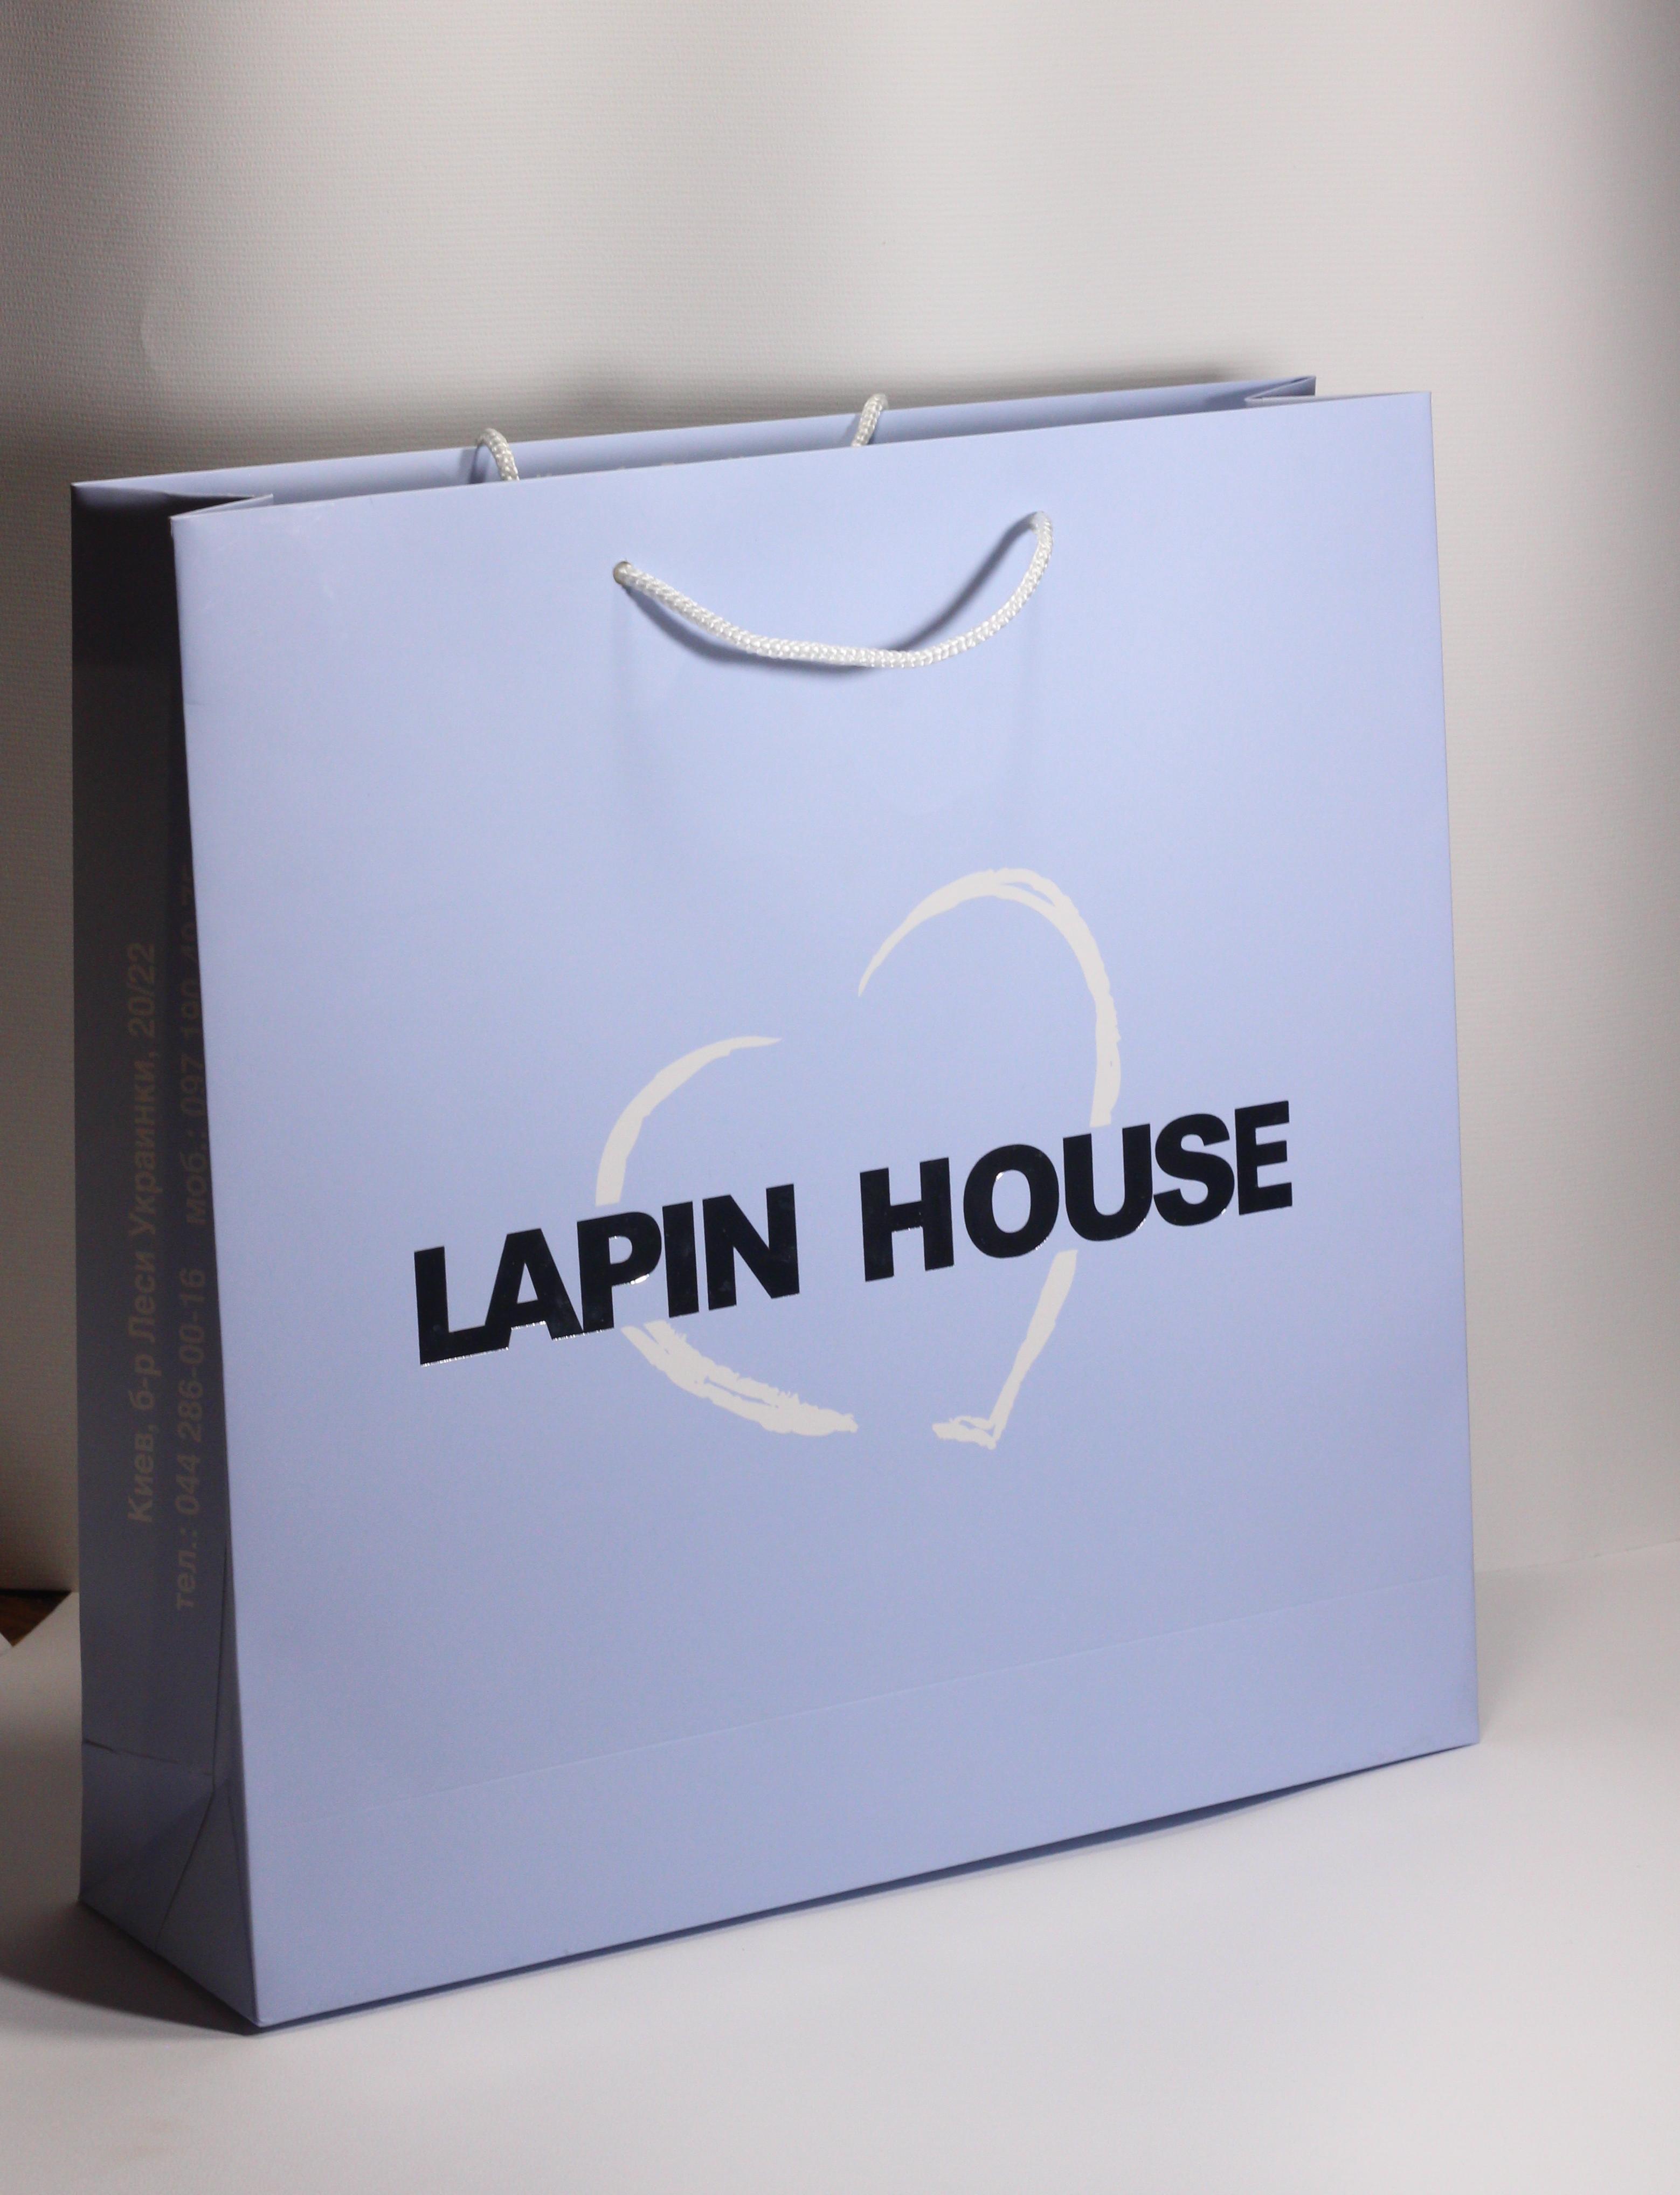 Продаєтьсяфірмова упаковка на замовленняоптом